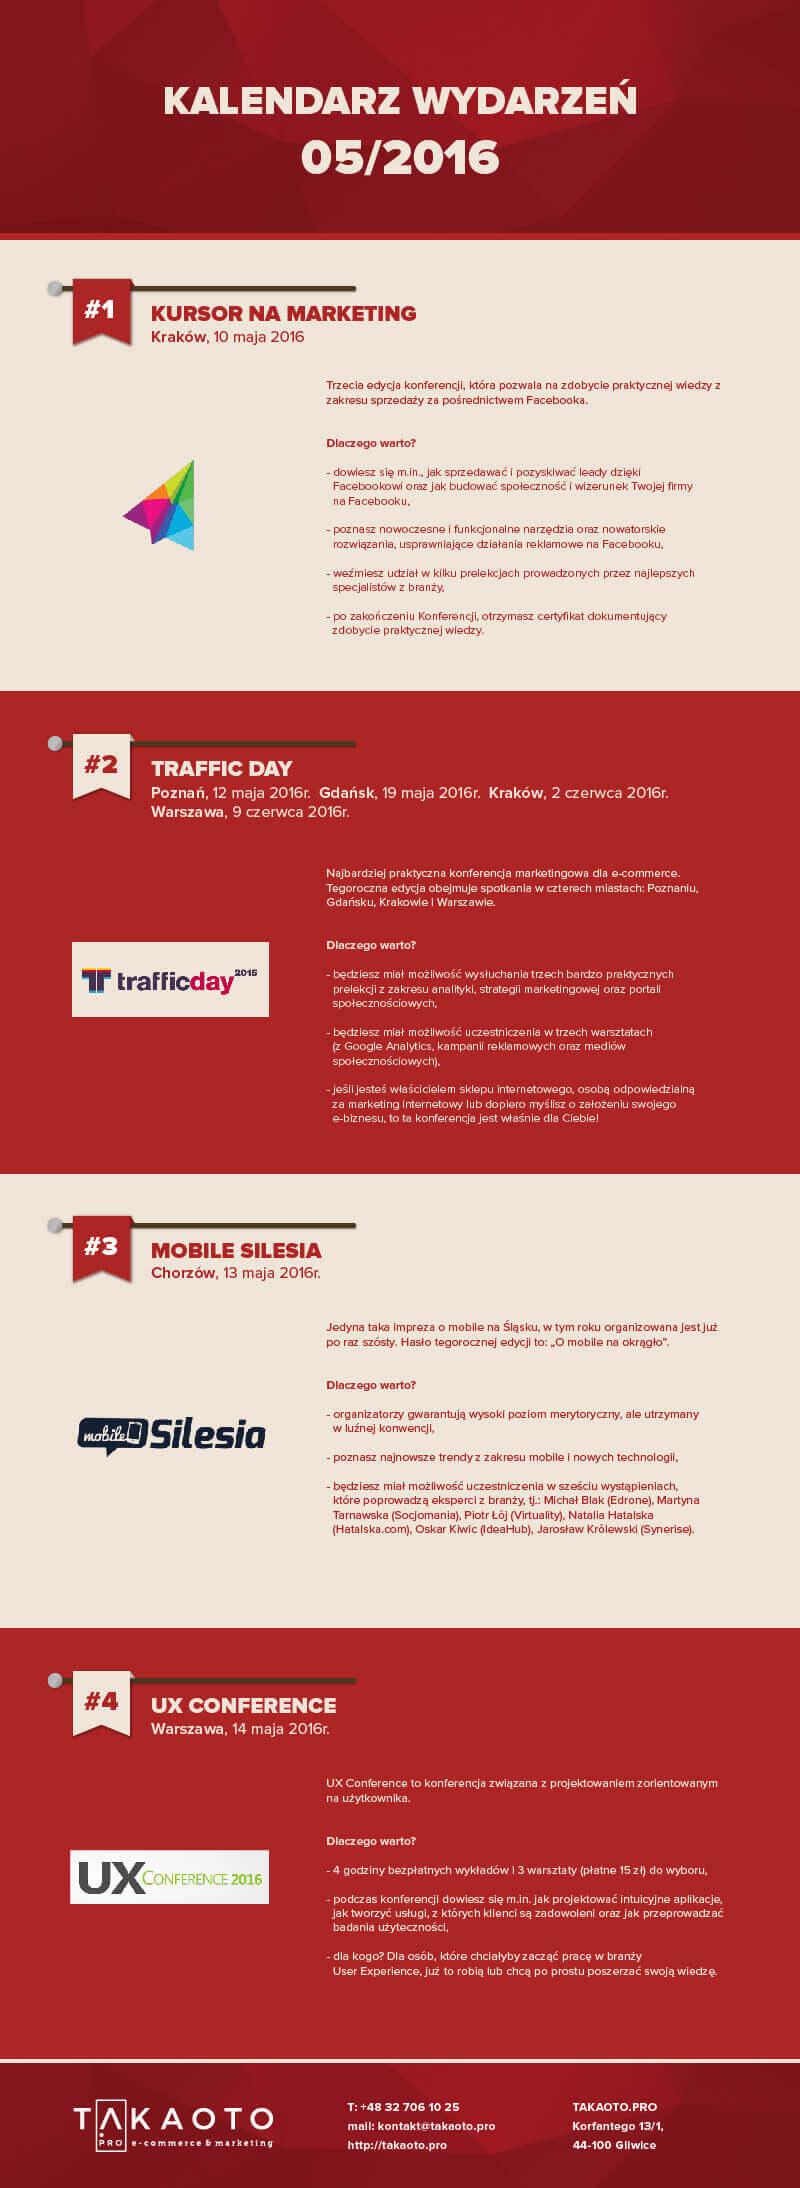 Kalendarz wydarzeń marketingowych